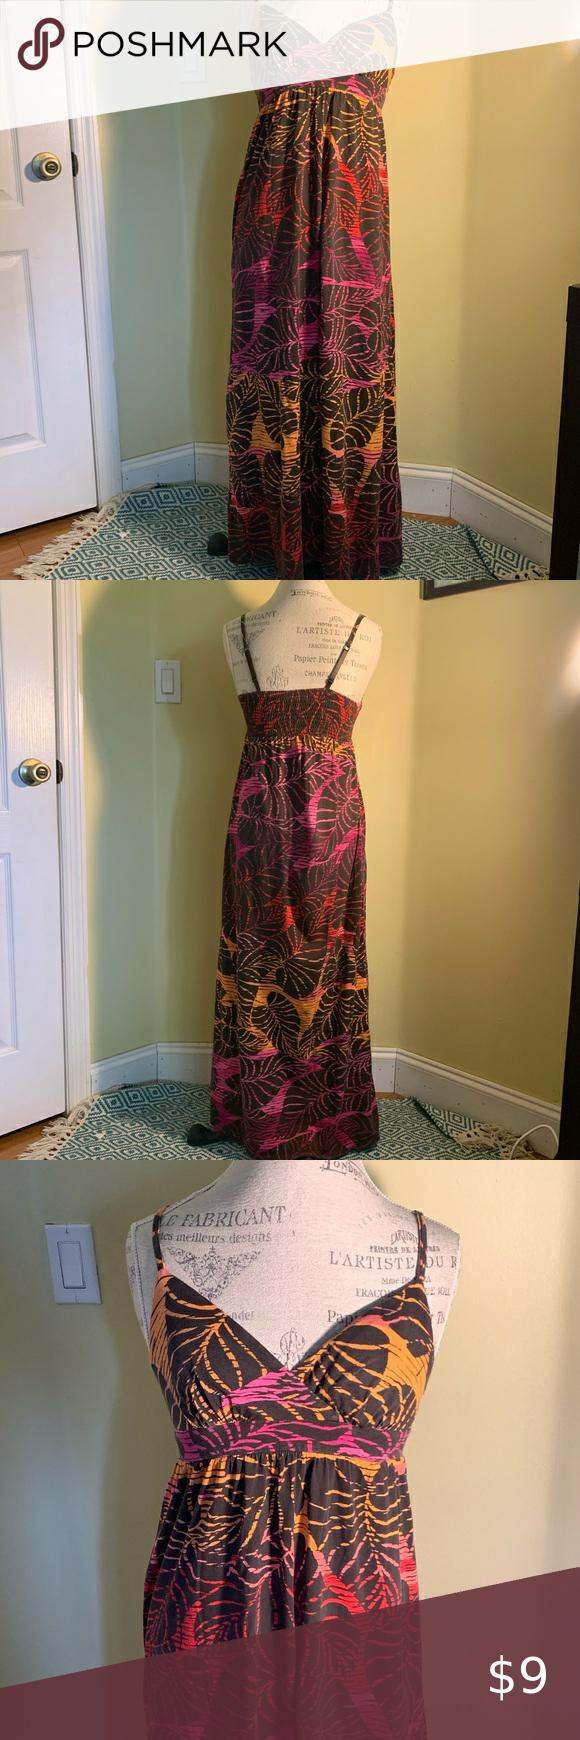 Currants Maxi Summer Dress Summer Maxi Dress Summer Dresses Vintage Summer Dresses [ 1740 x 580 Pixel ]